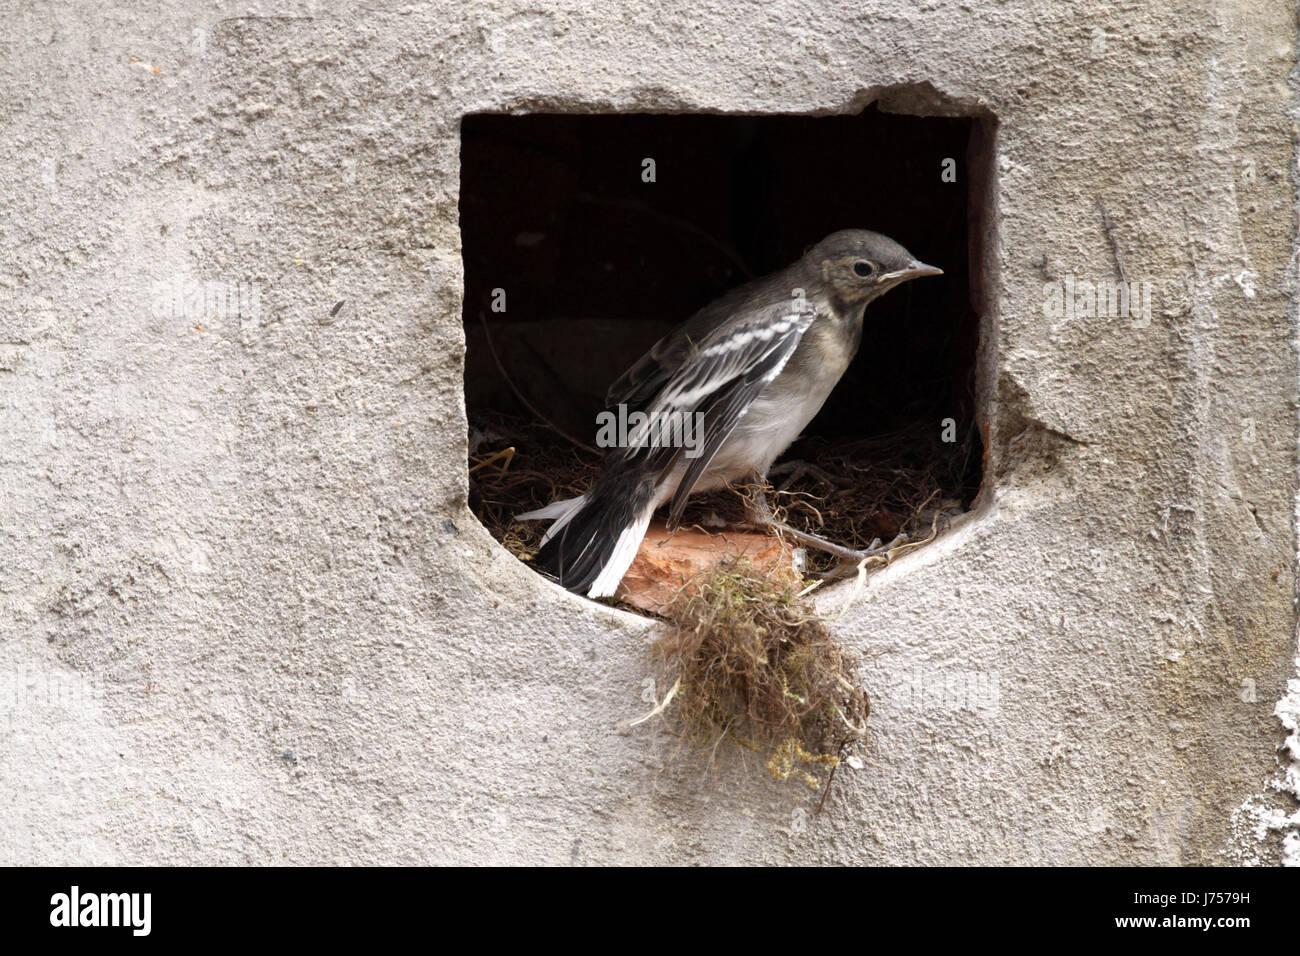 Le chant des oiseaux oiseaux nichent les oiseaux oiseaux échassiers goglus bergeronnette oiseaux nichent les jeunes Banque D'Images